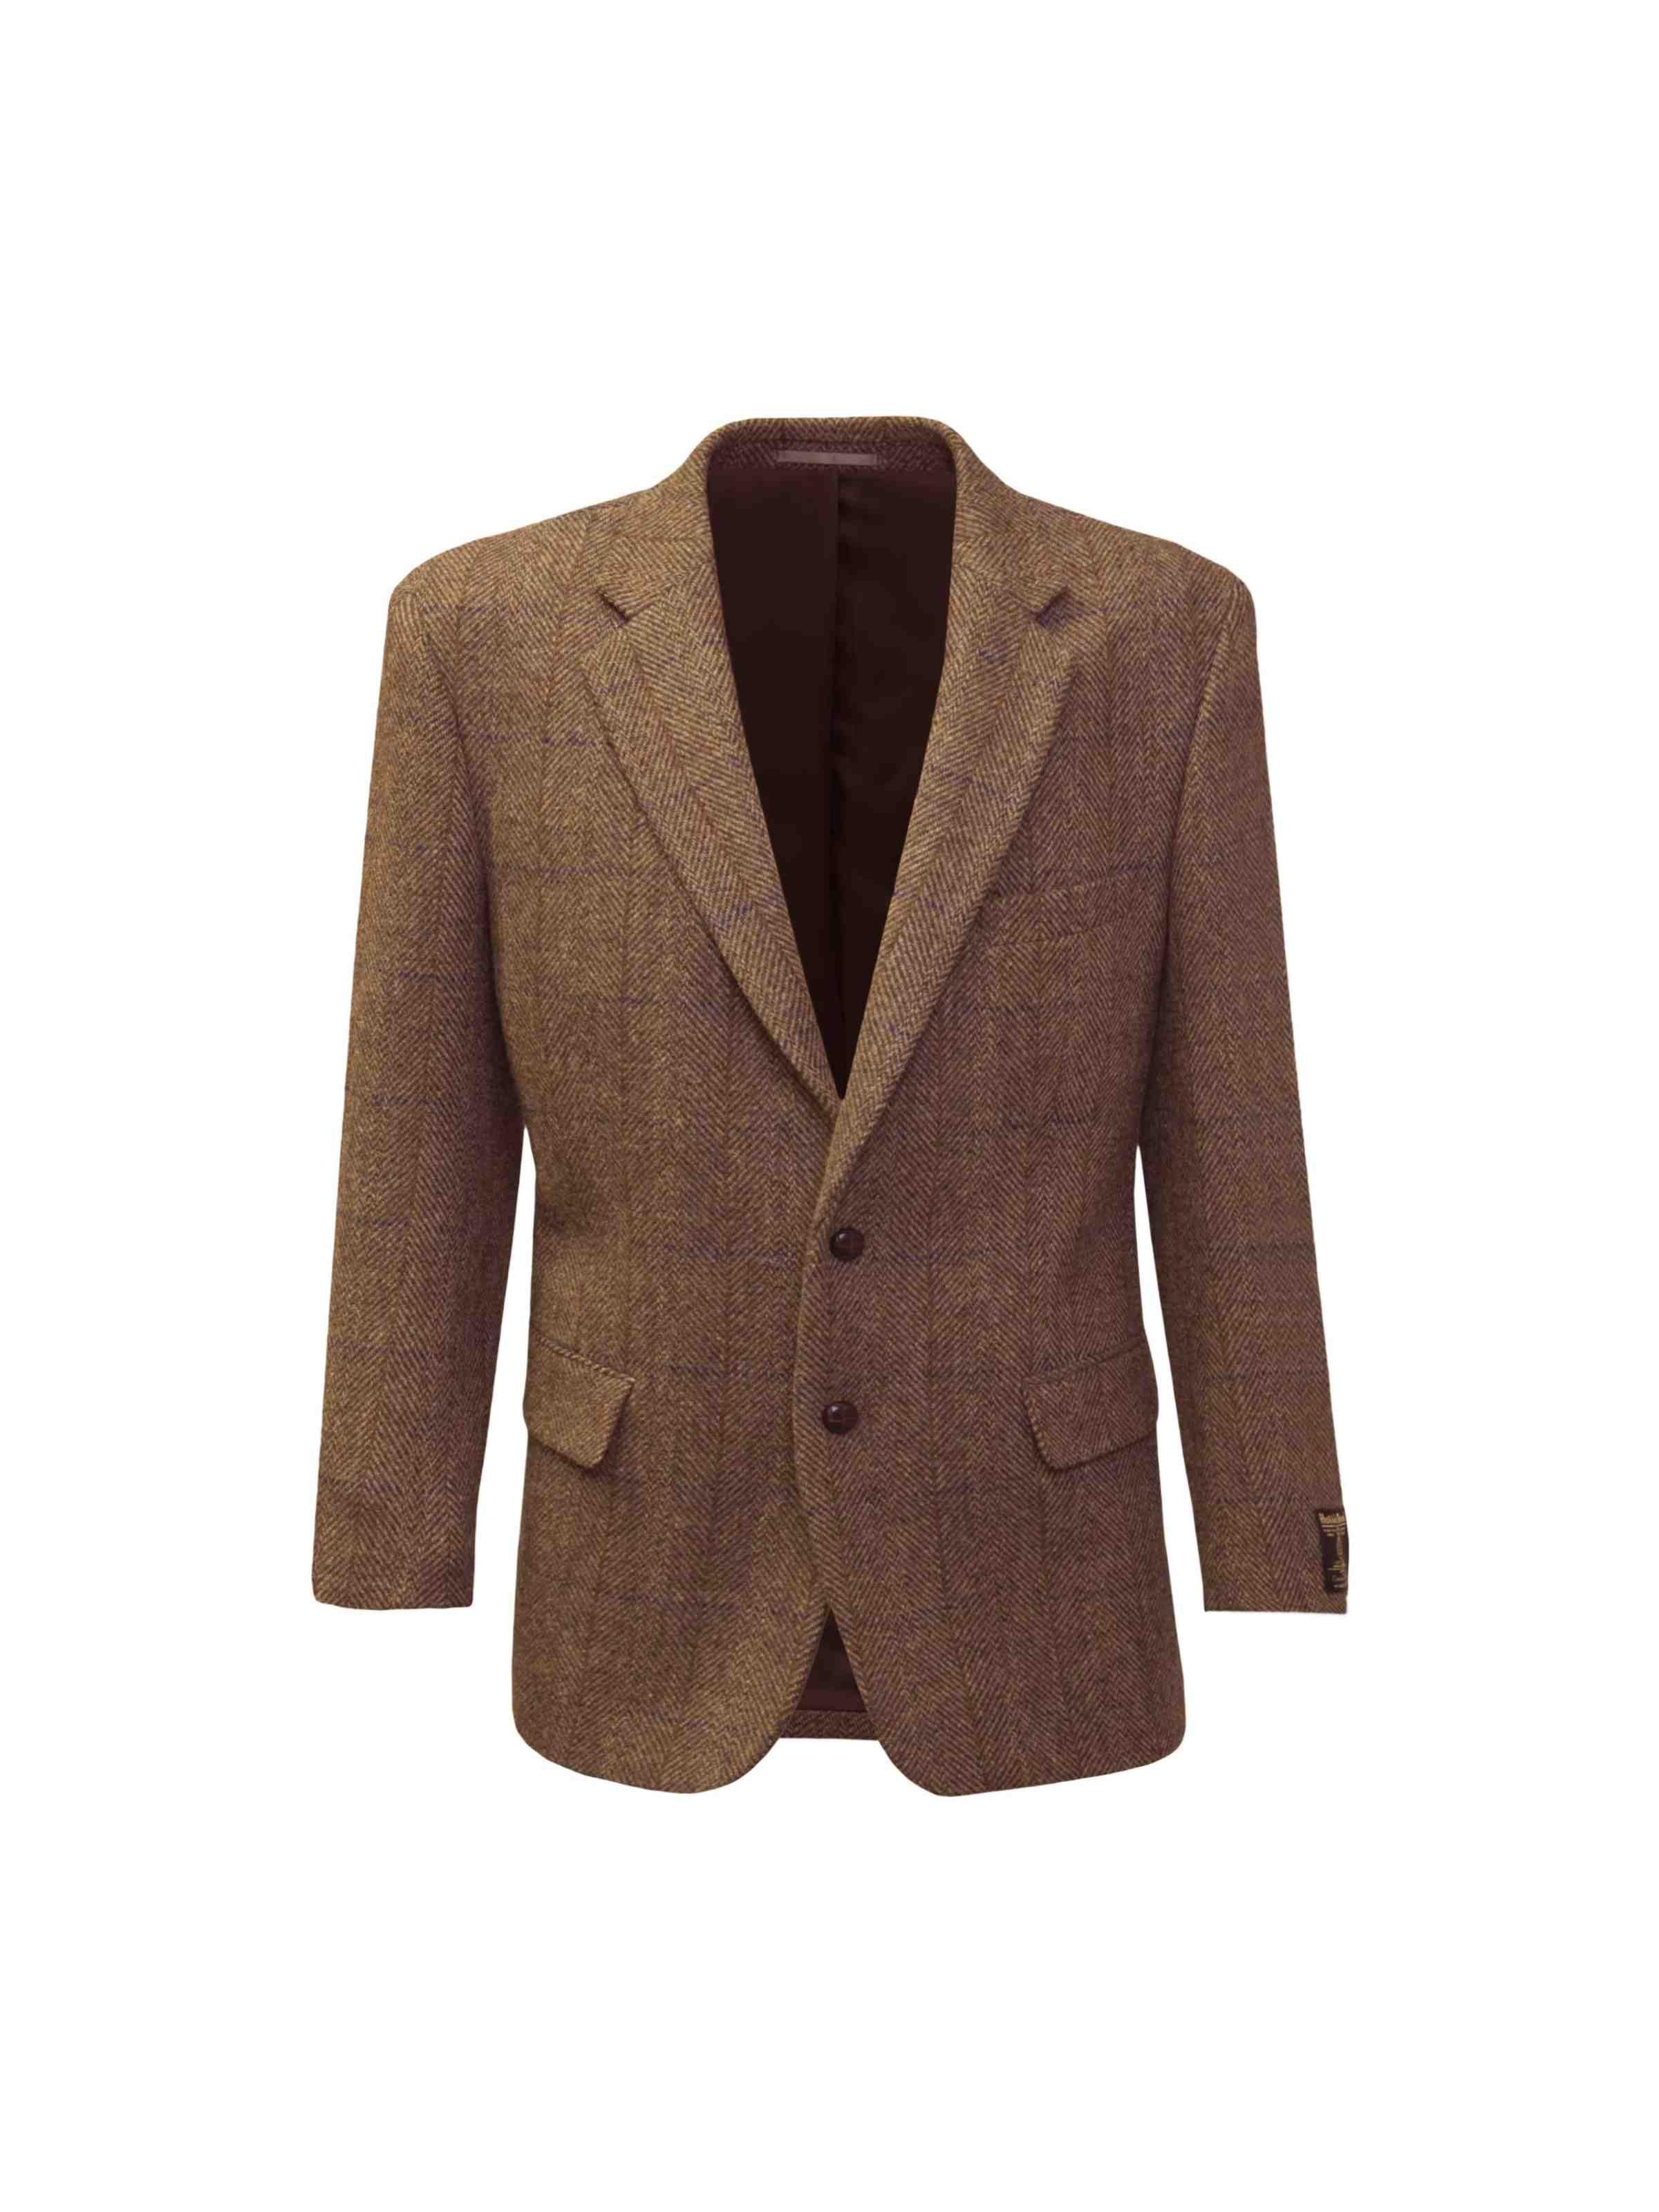 Harris Tweed Jacket Long - Mid Brown | The Edinburgh Woollen Mill